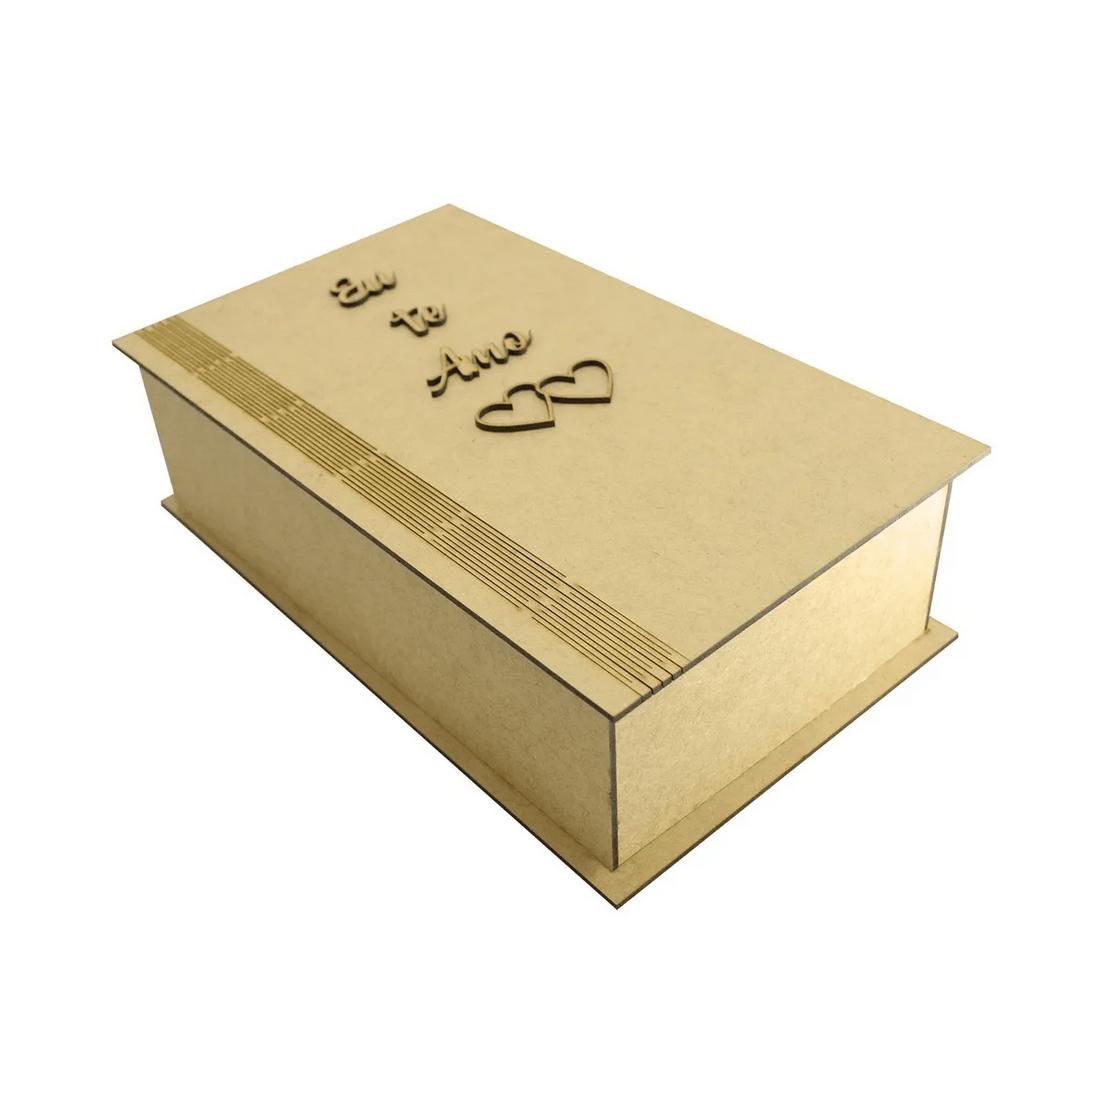 Kit-6-Caixa-Mini-Vinho-Chandon-e-1-Taca-Tampa-Dobravel-Aplique-Eu-Te-Amo-e-Coracao-Duplo-Laser-Mdf